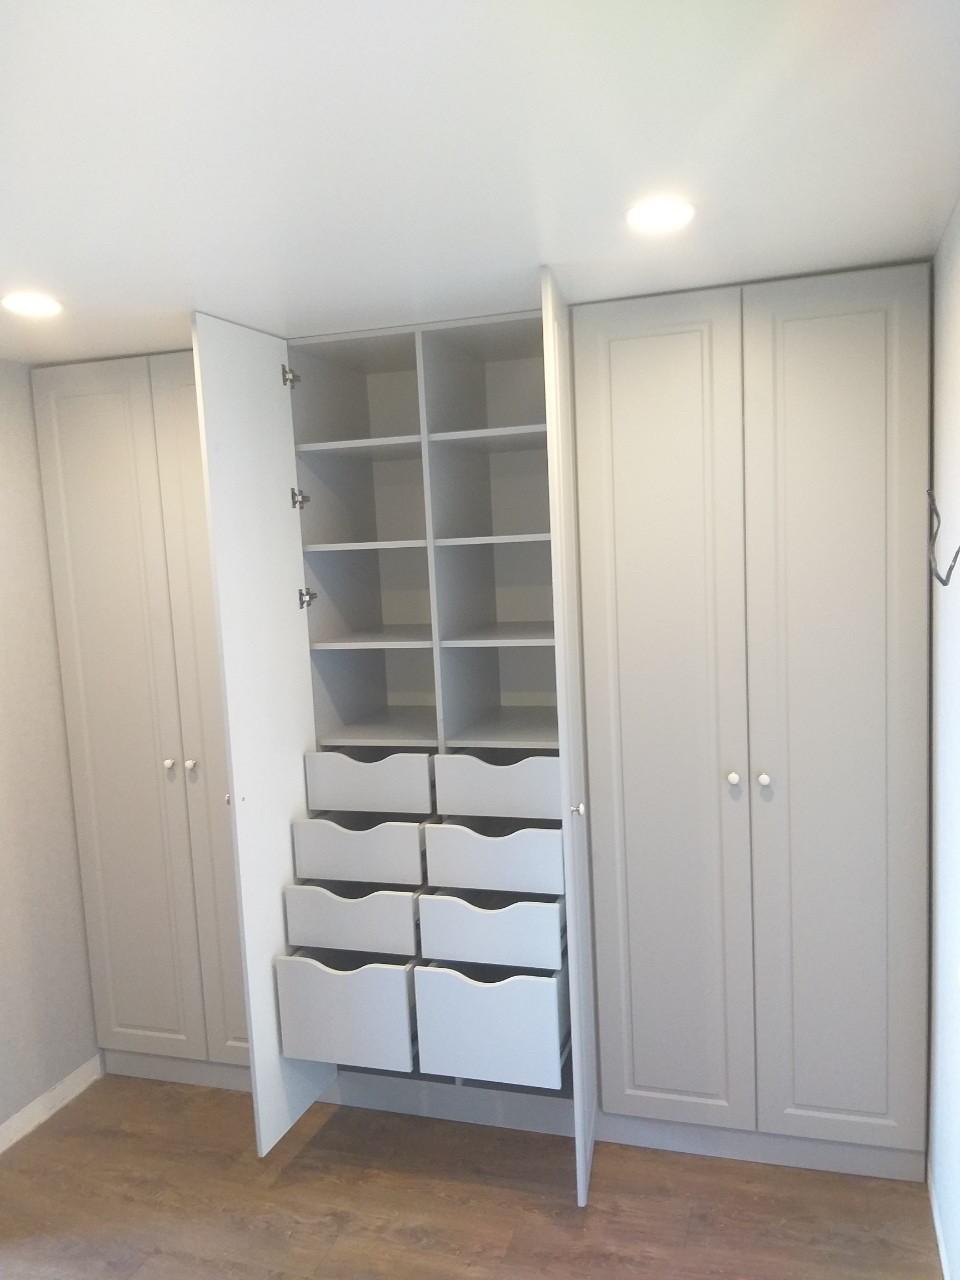 Шкаф в современном стиле под потолок